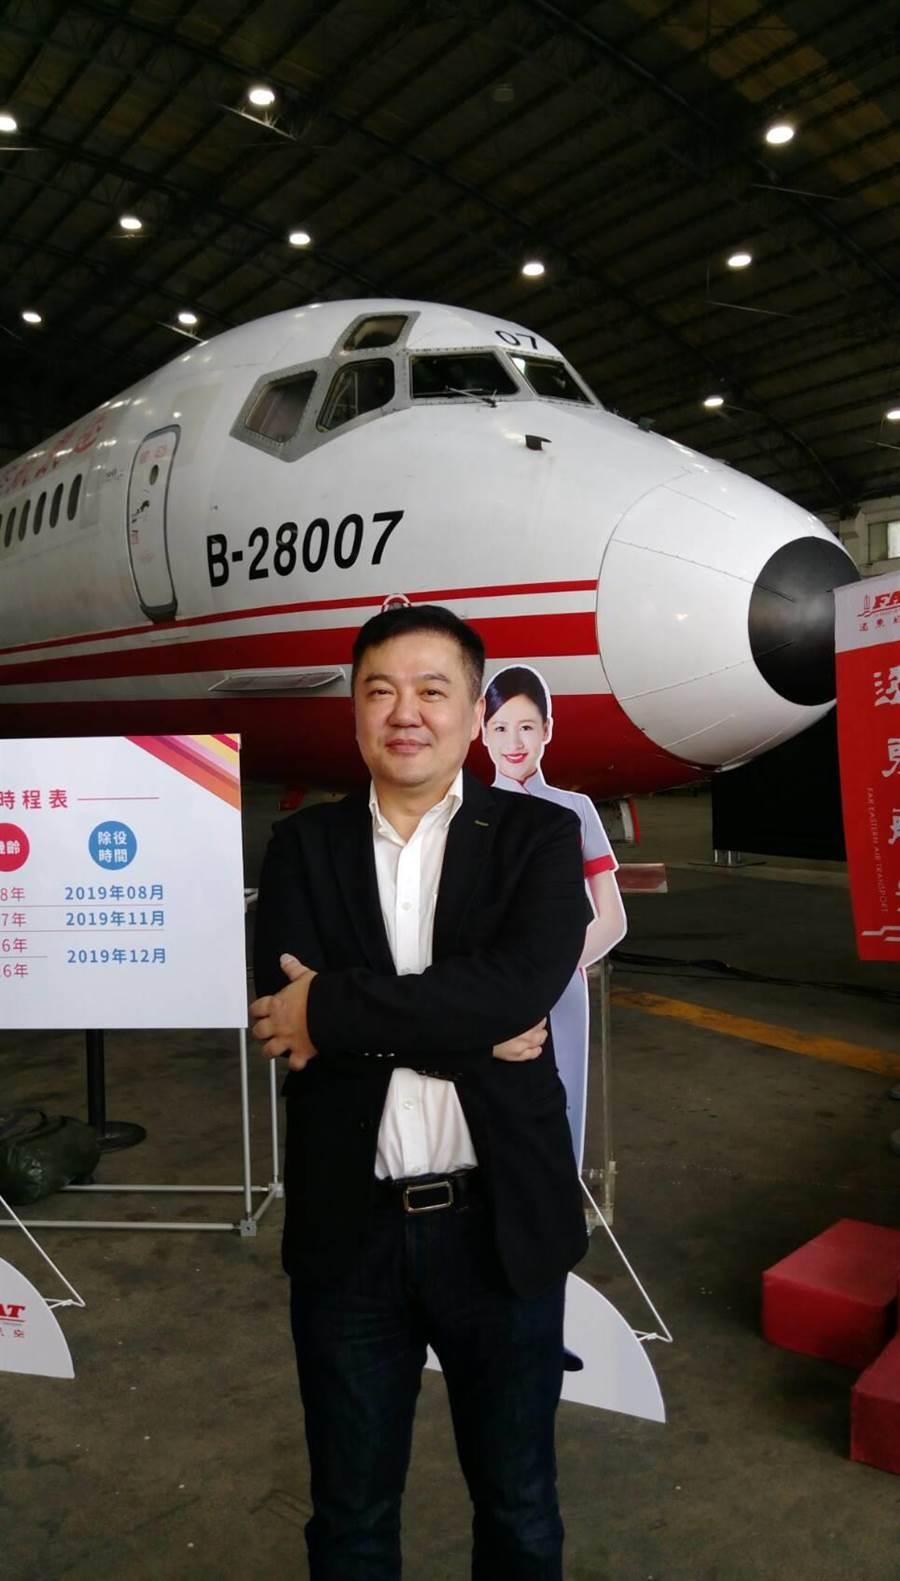 遠航MD客機保養的好,且機內重要部件幾乎全數更新過,多家國際航空公司搶著採購。圖:張佩芬